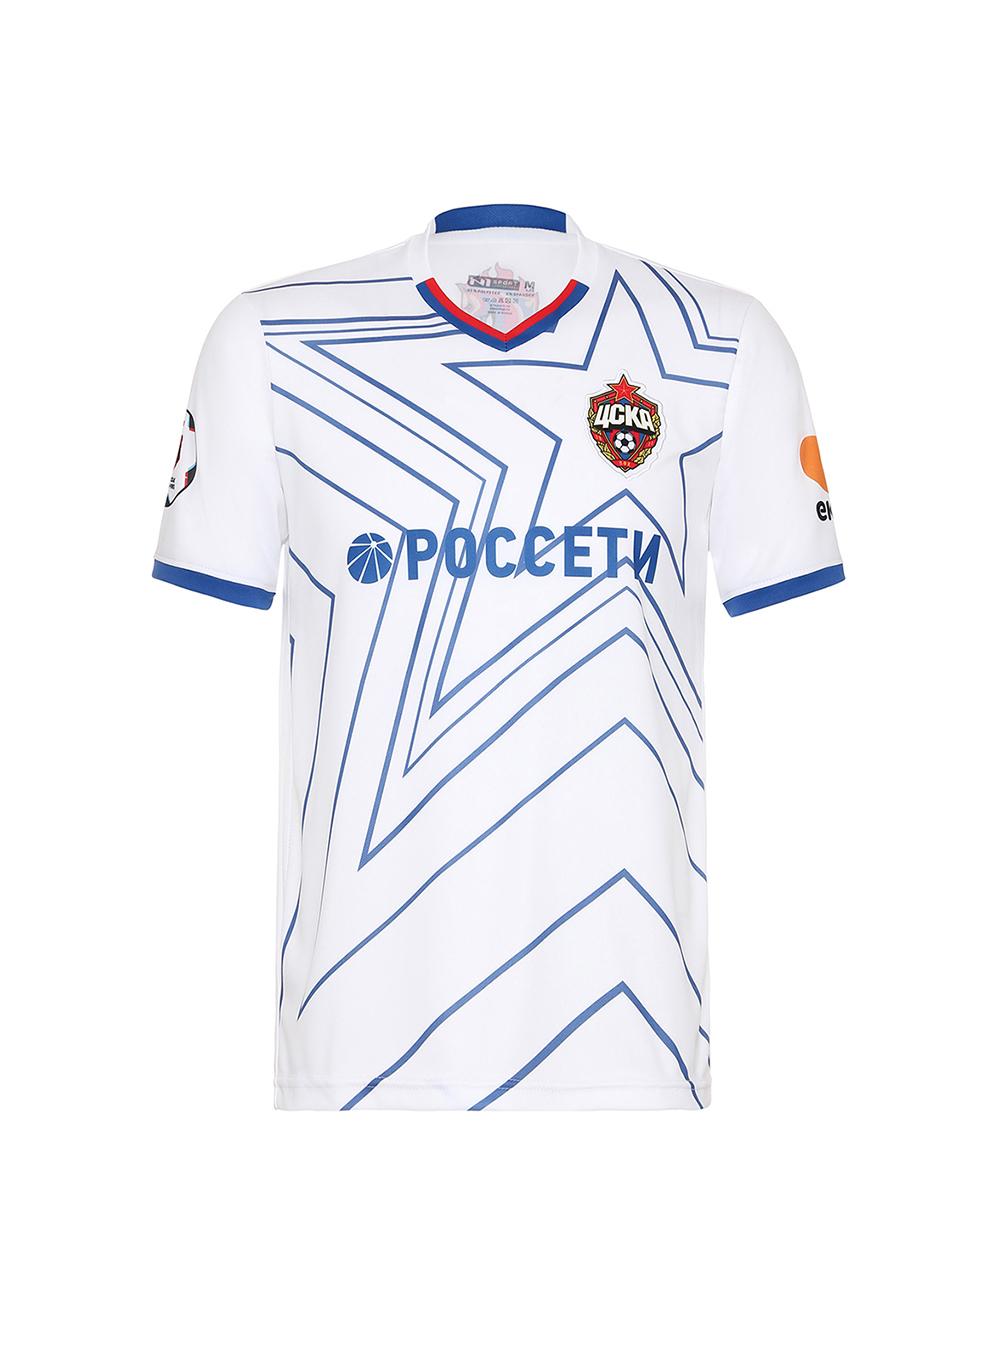 Футболка детская выездная РЕПЛИКА 2019/2020 (116) фото